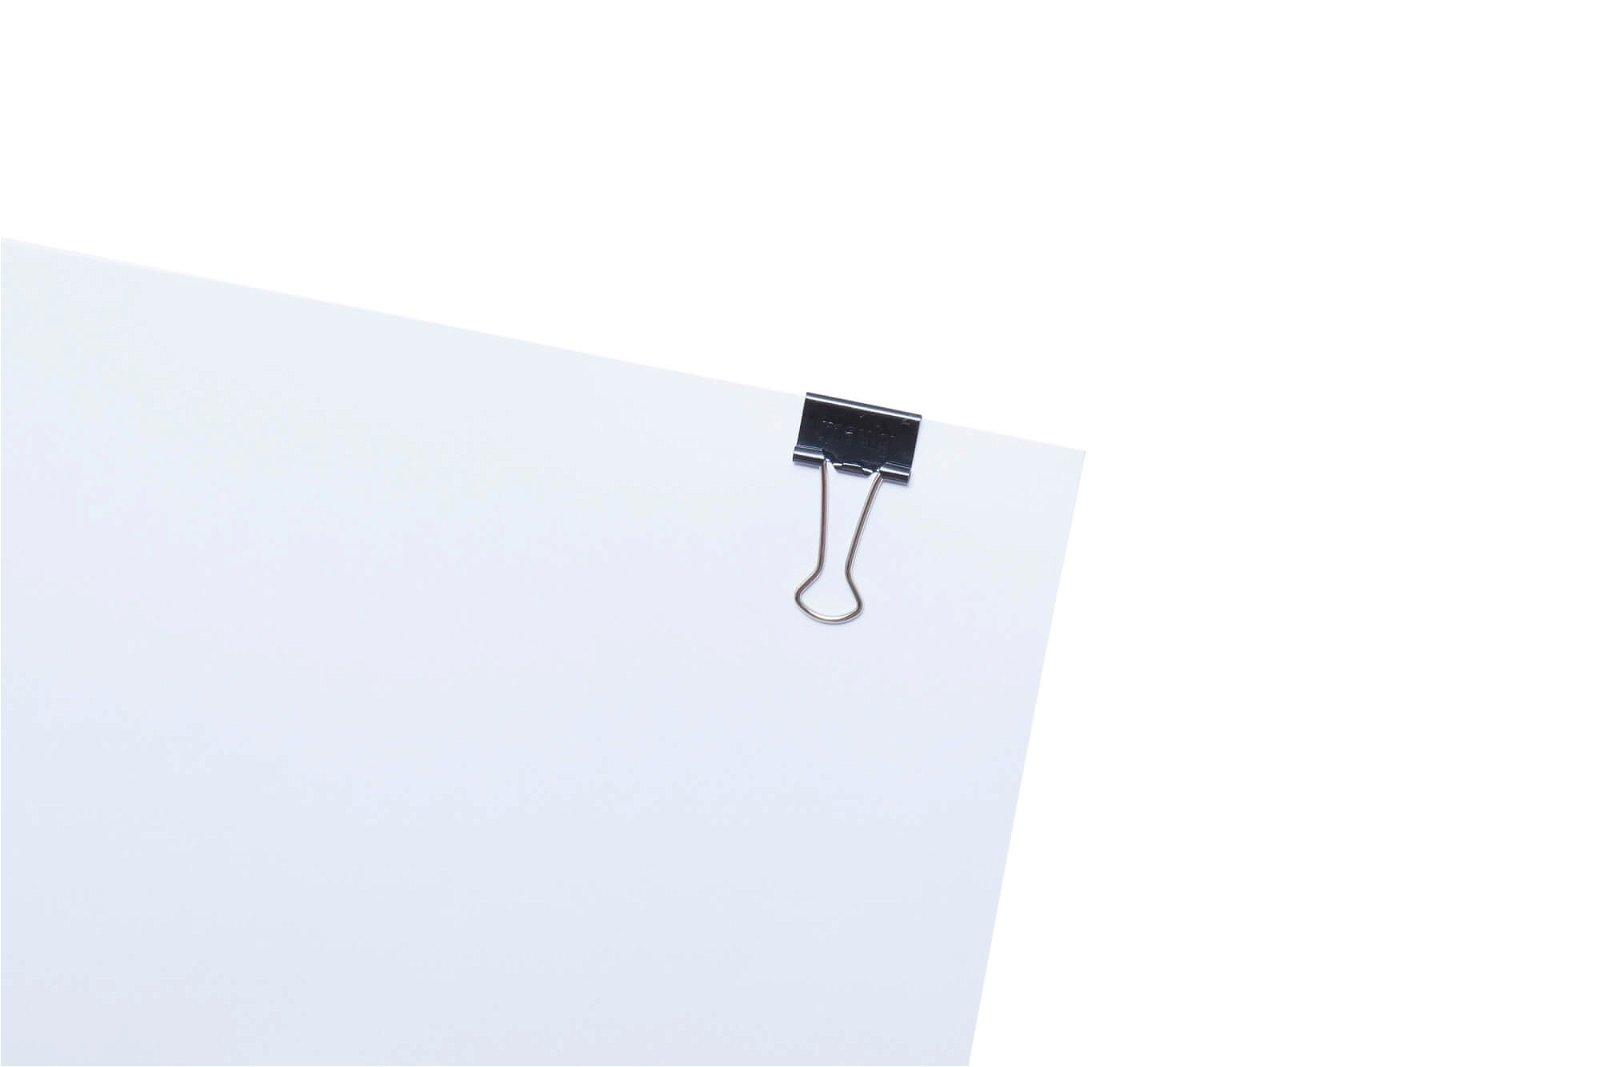 mauly 214, Breite 19 mm, 12 St./Ktn., schwarz